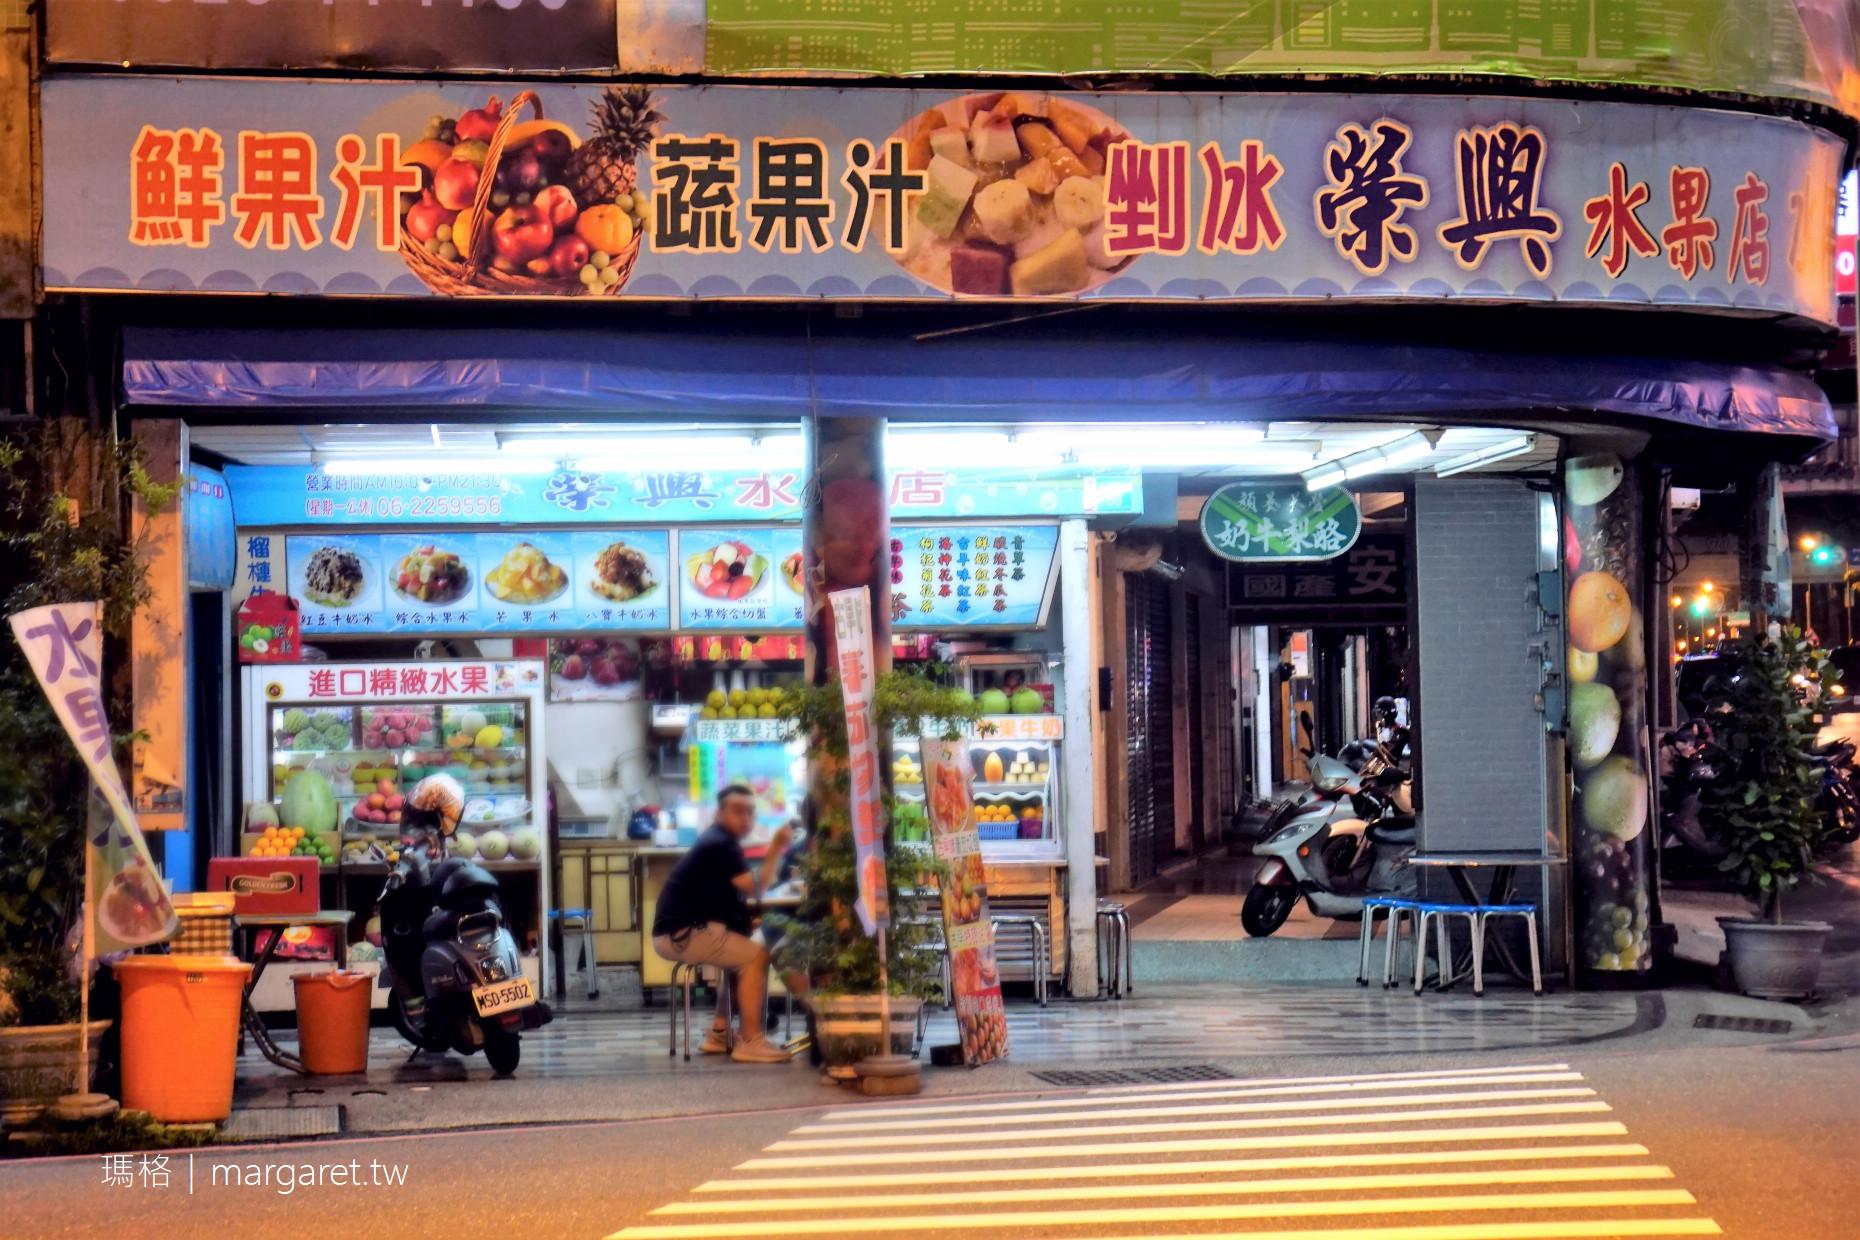 榮興水果店。台南70老店|老闆娘大推酪梨牛奶加布丁 @瑪格。圖寫生活